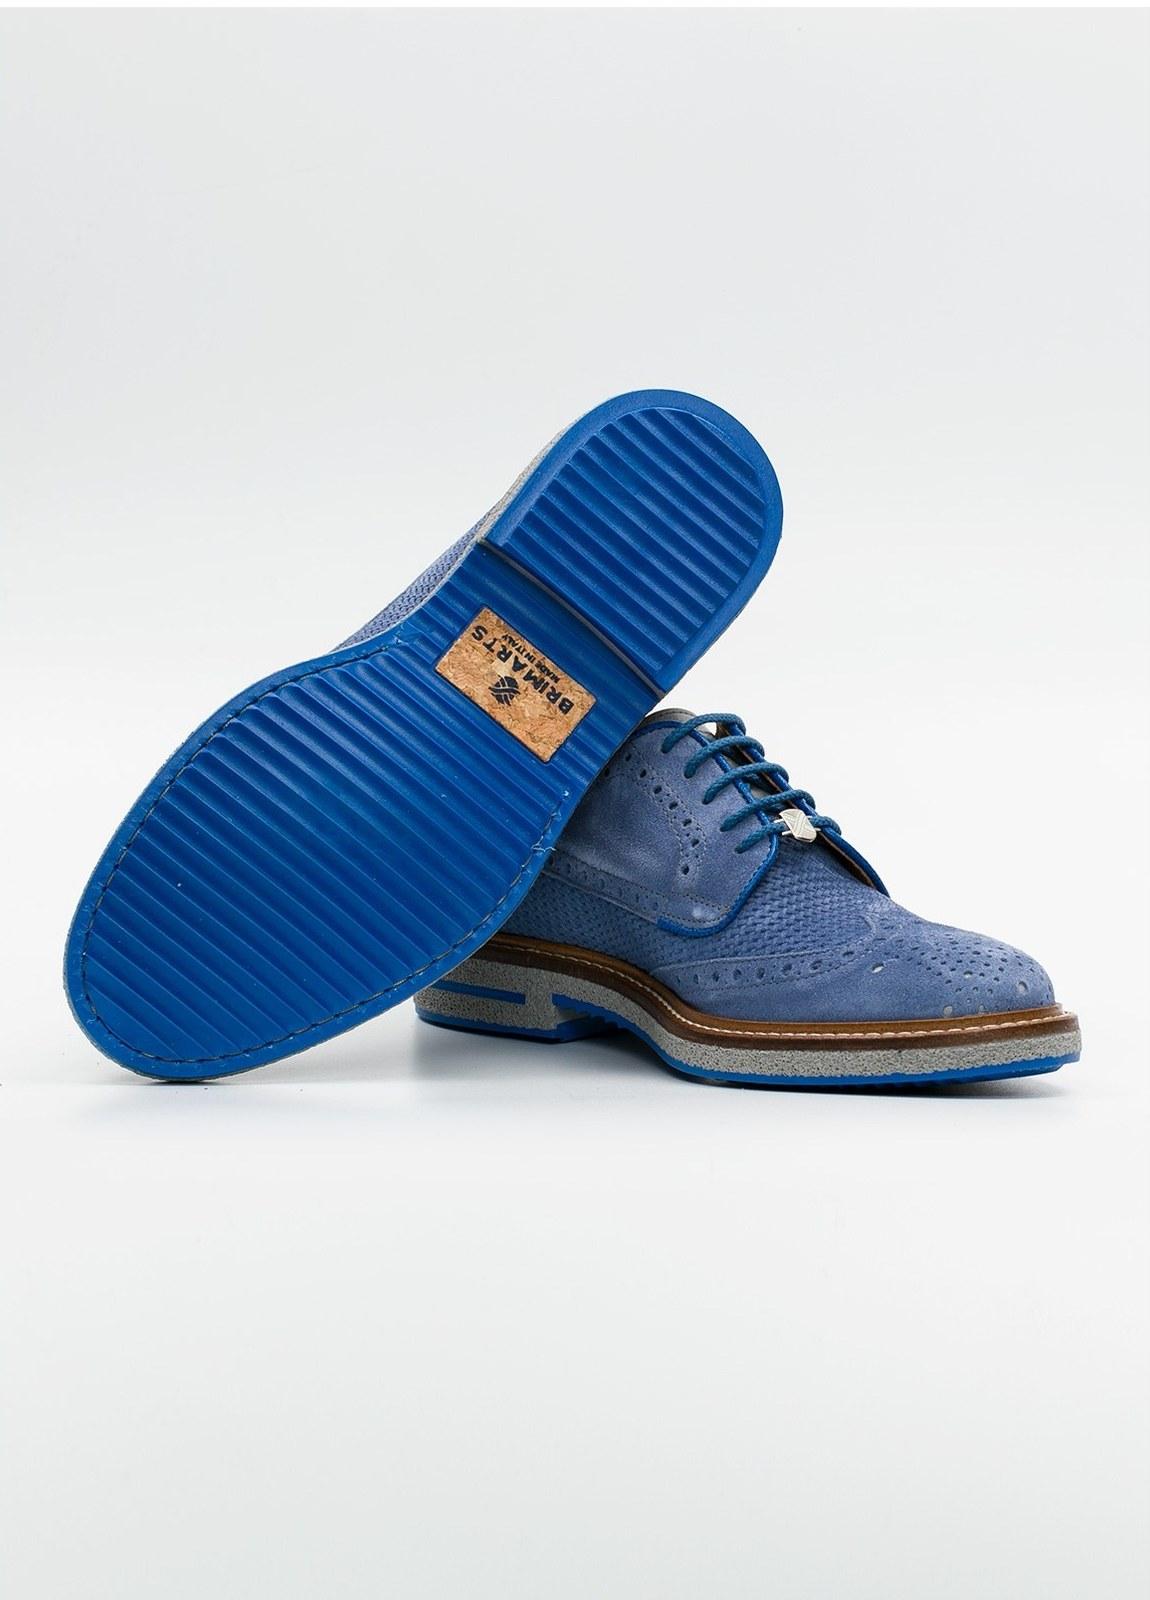 Zapato Formal Wear color azul suela gris, 100% Ante. - Ítem1